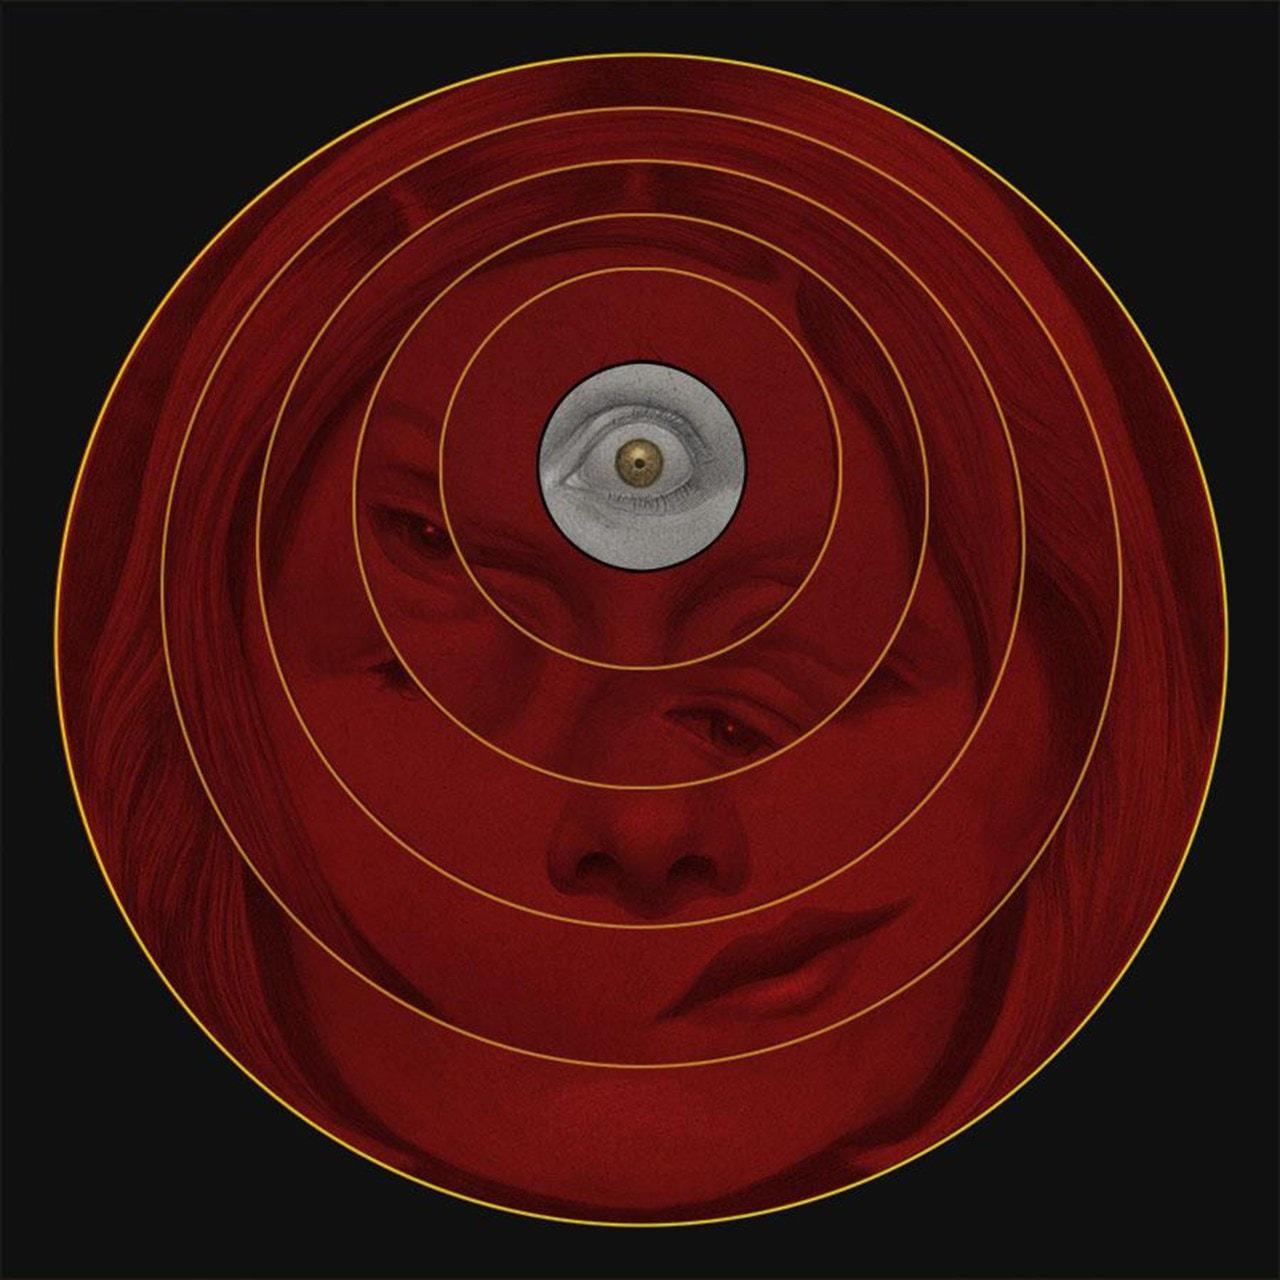 Profondo Rosso (Aka Deep Red) - 1